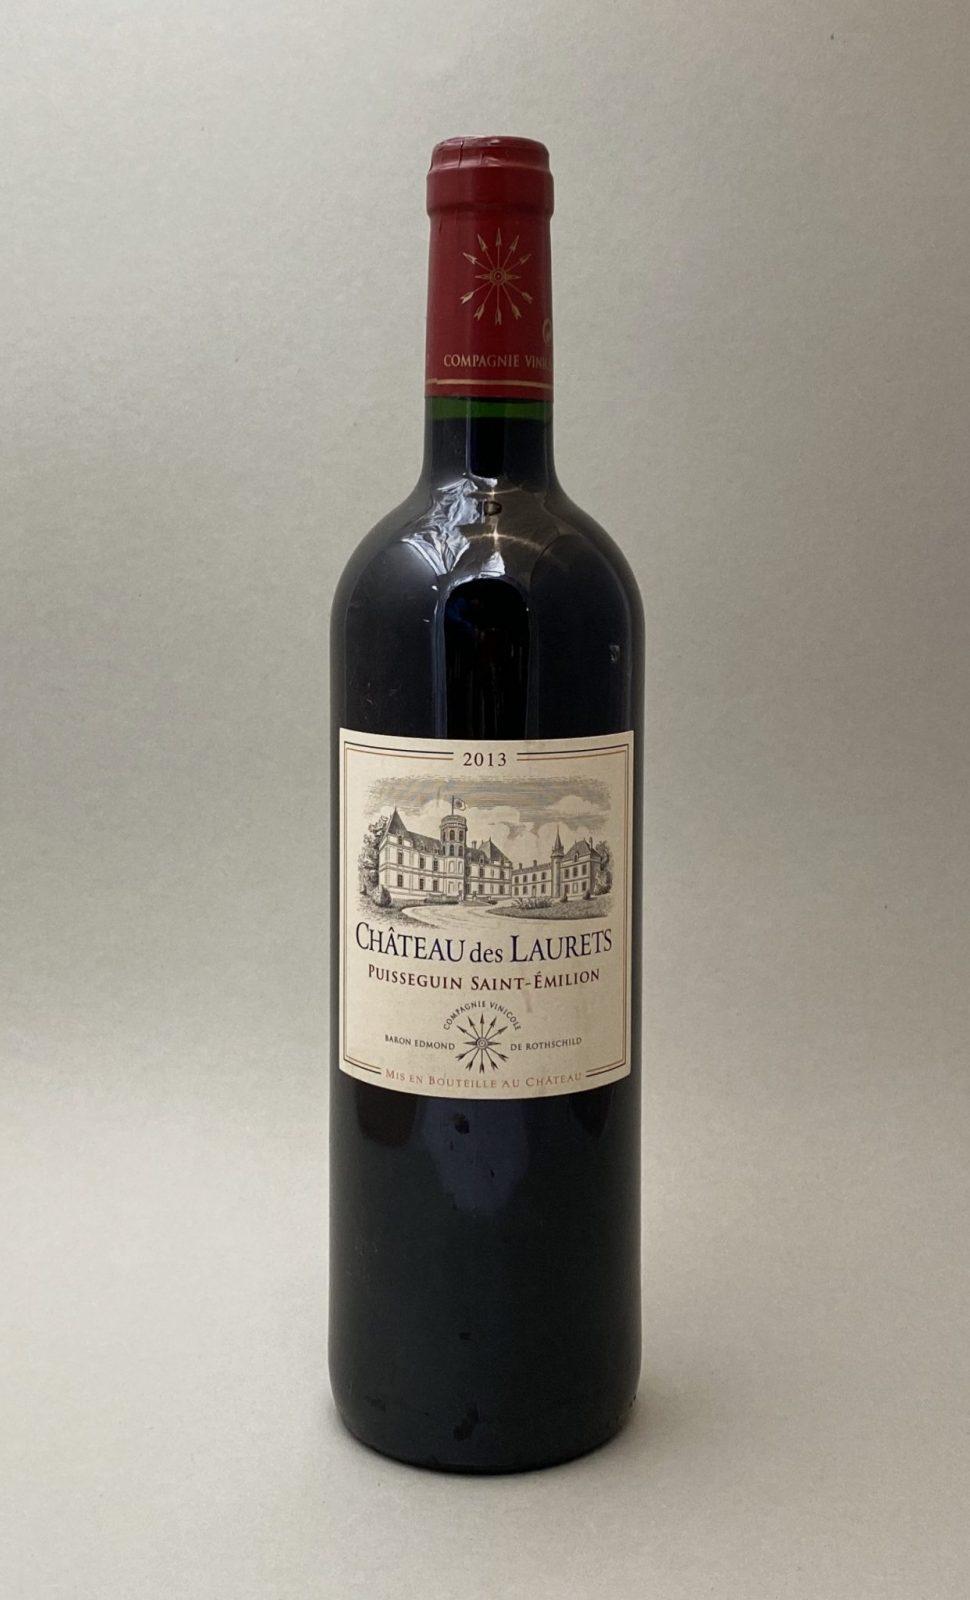 Château DES LAURETS, vinoteka Sunny wines slnecnice mesto Bratislava, petrzalka, vino červené z Francúzska